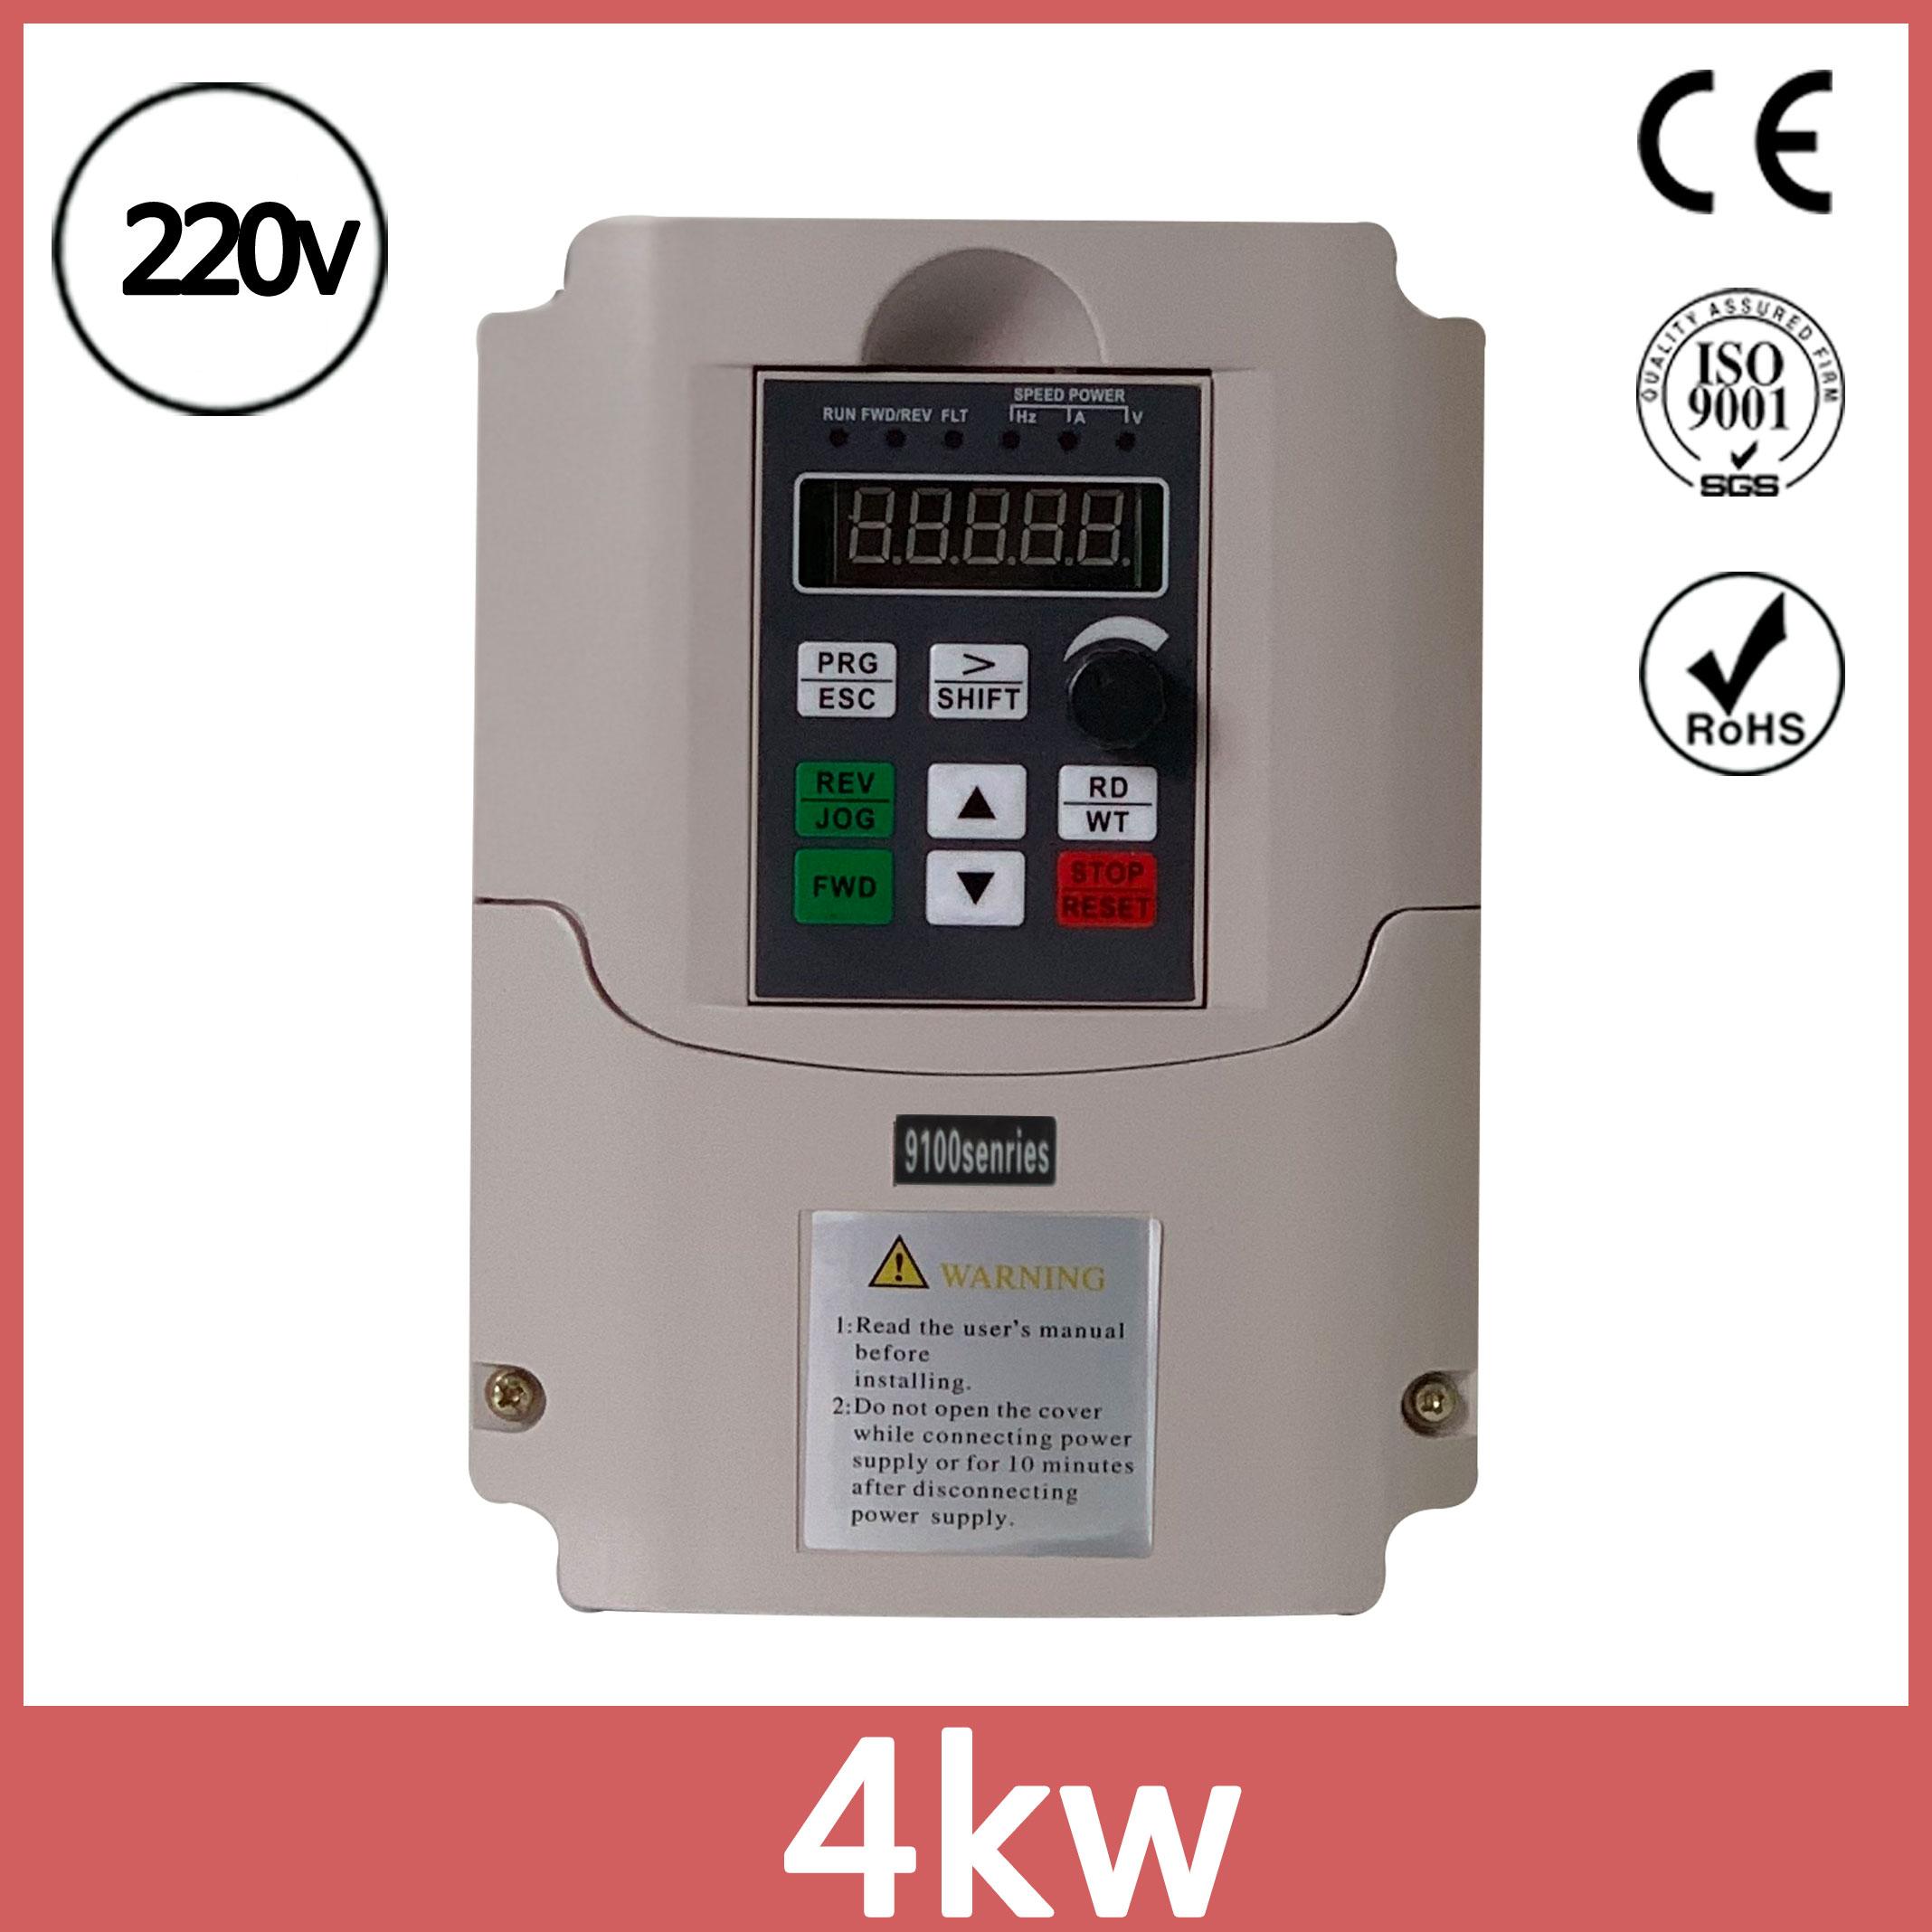 Onduleur solaire PV cc à convertisseur triphasé à courant alternatif 220 V/380 v 0.75kw/1.5kw/2.2kw/4kw avec pompe solaire de contrôle MPPT VFD